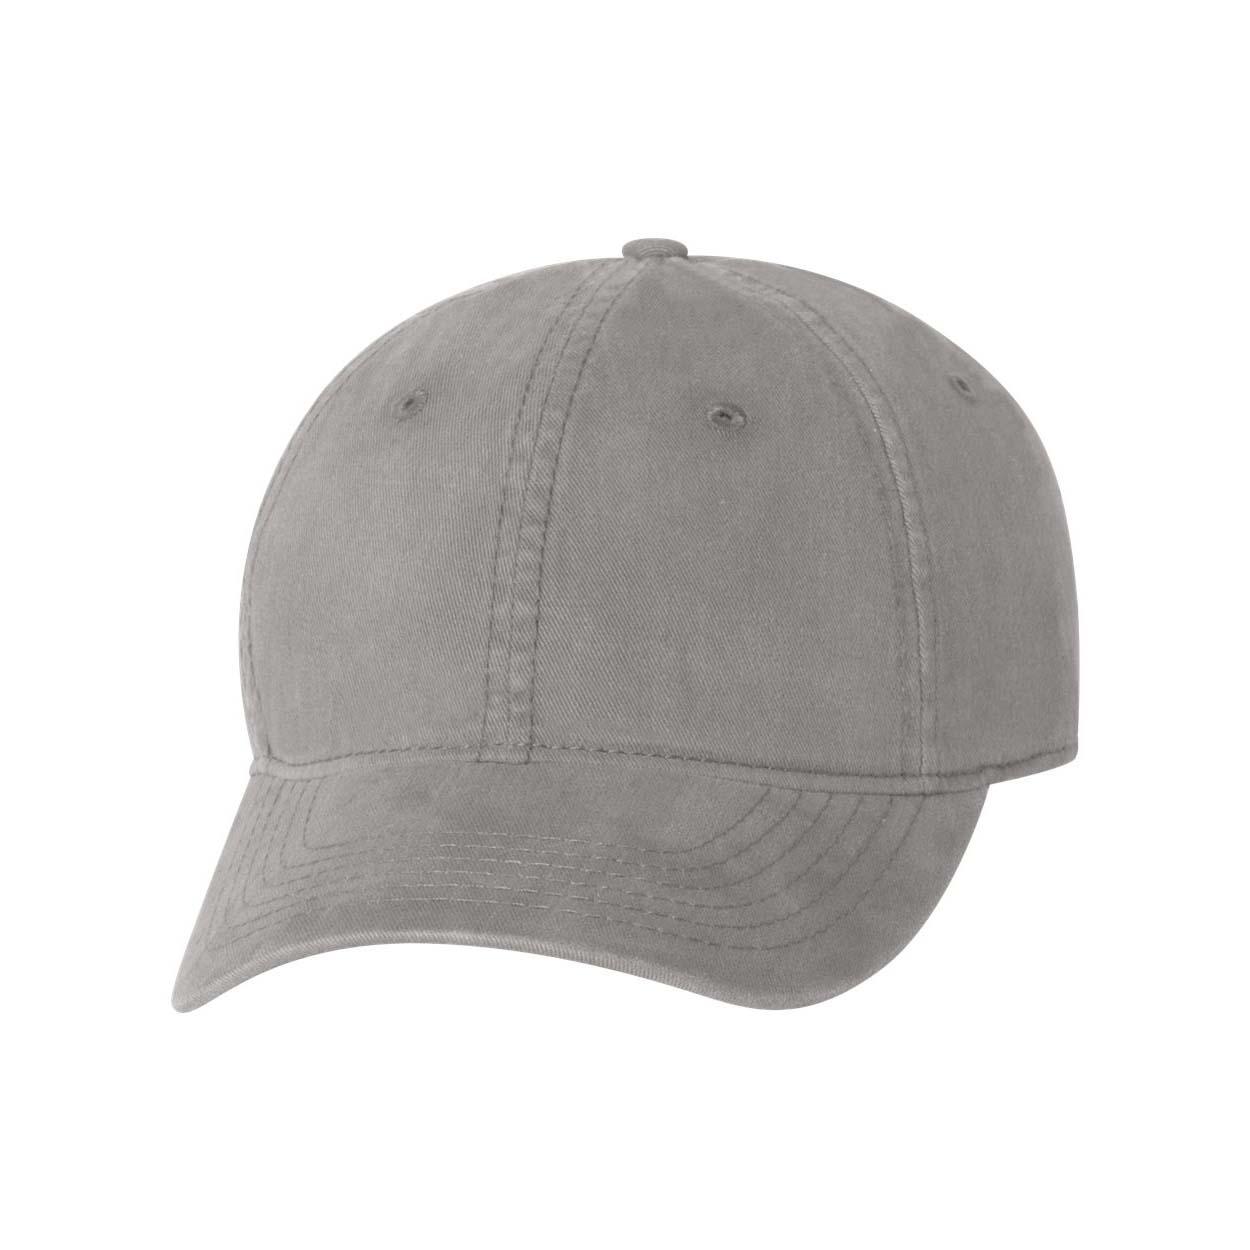 Ah35 0000 grey